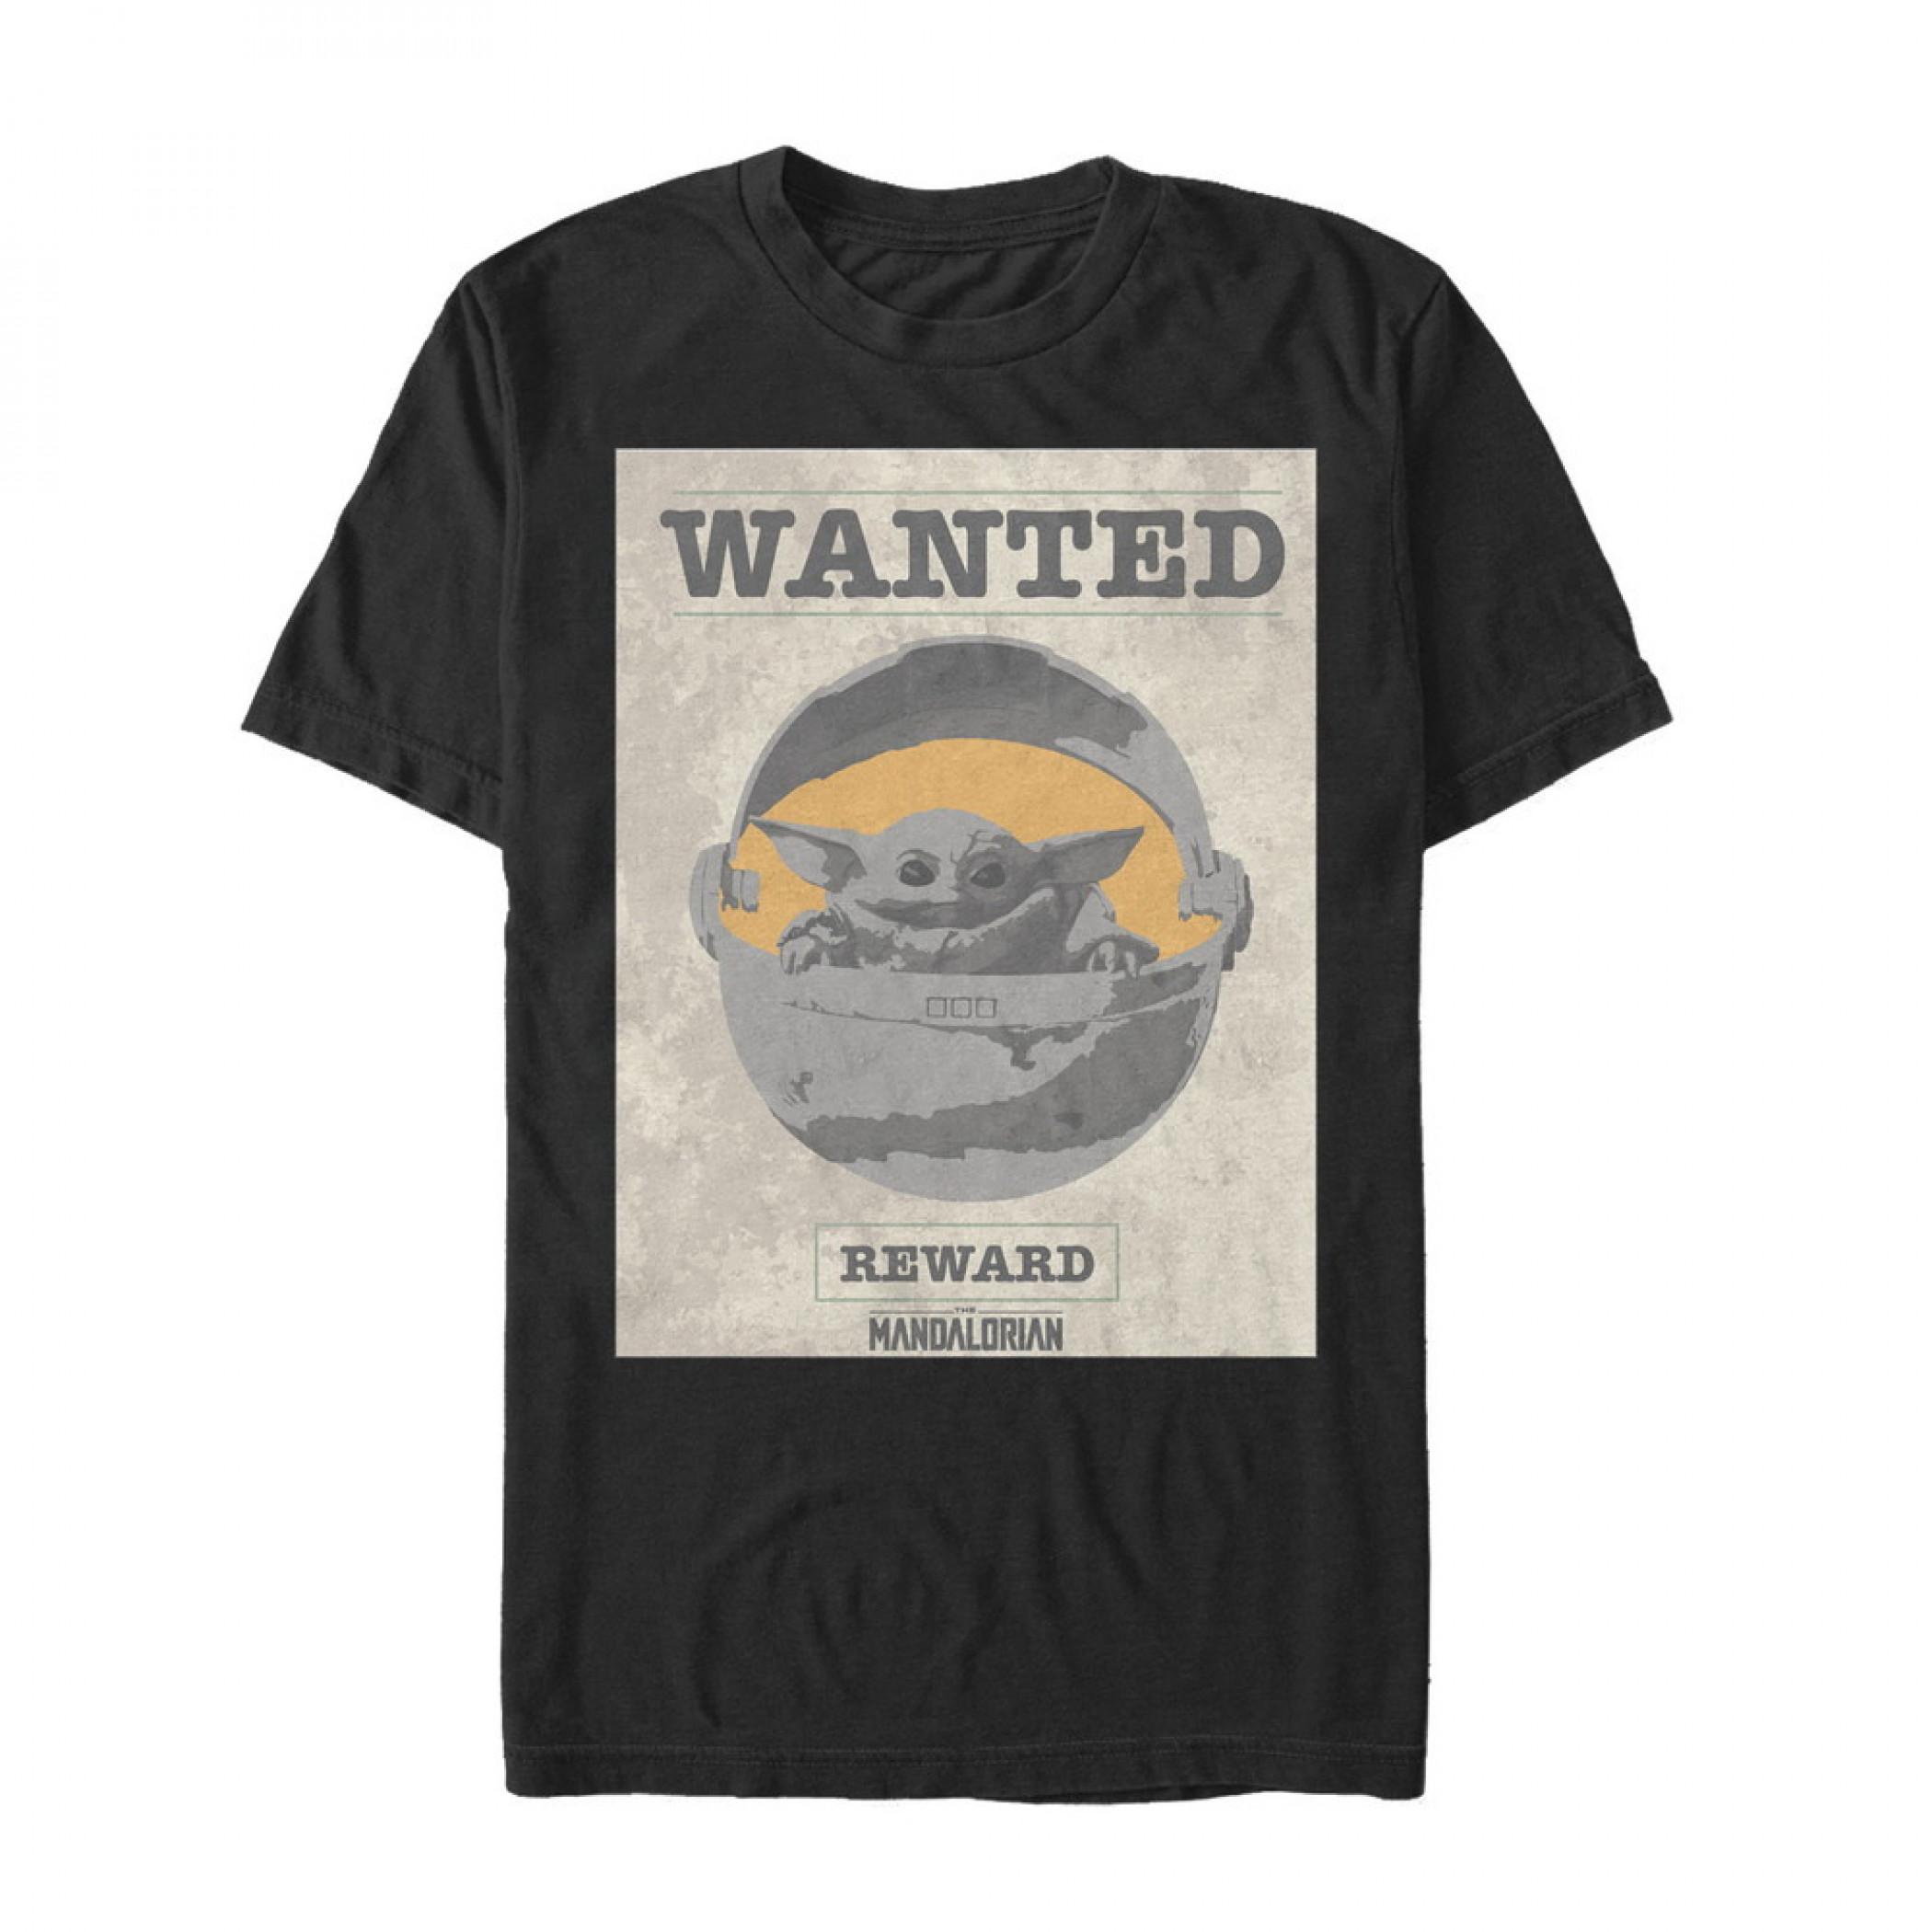 The Mandalorian Reward Poster The Child Black T-Shirt